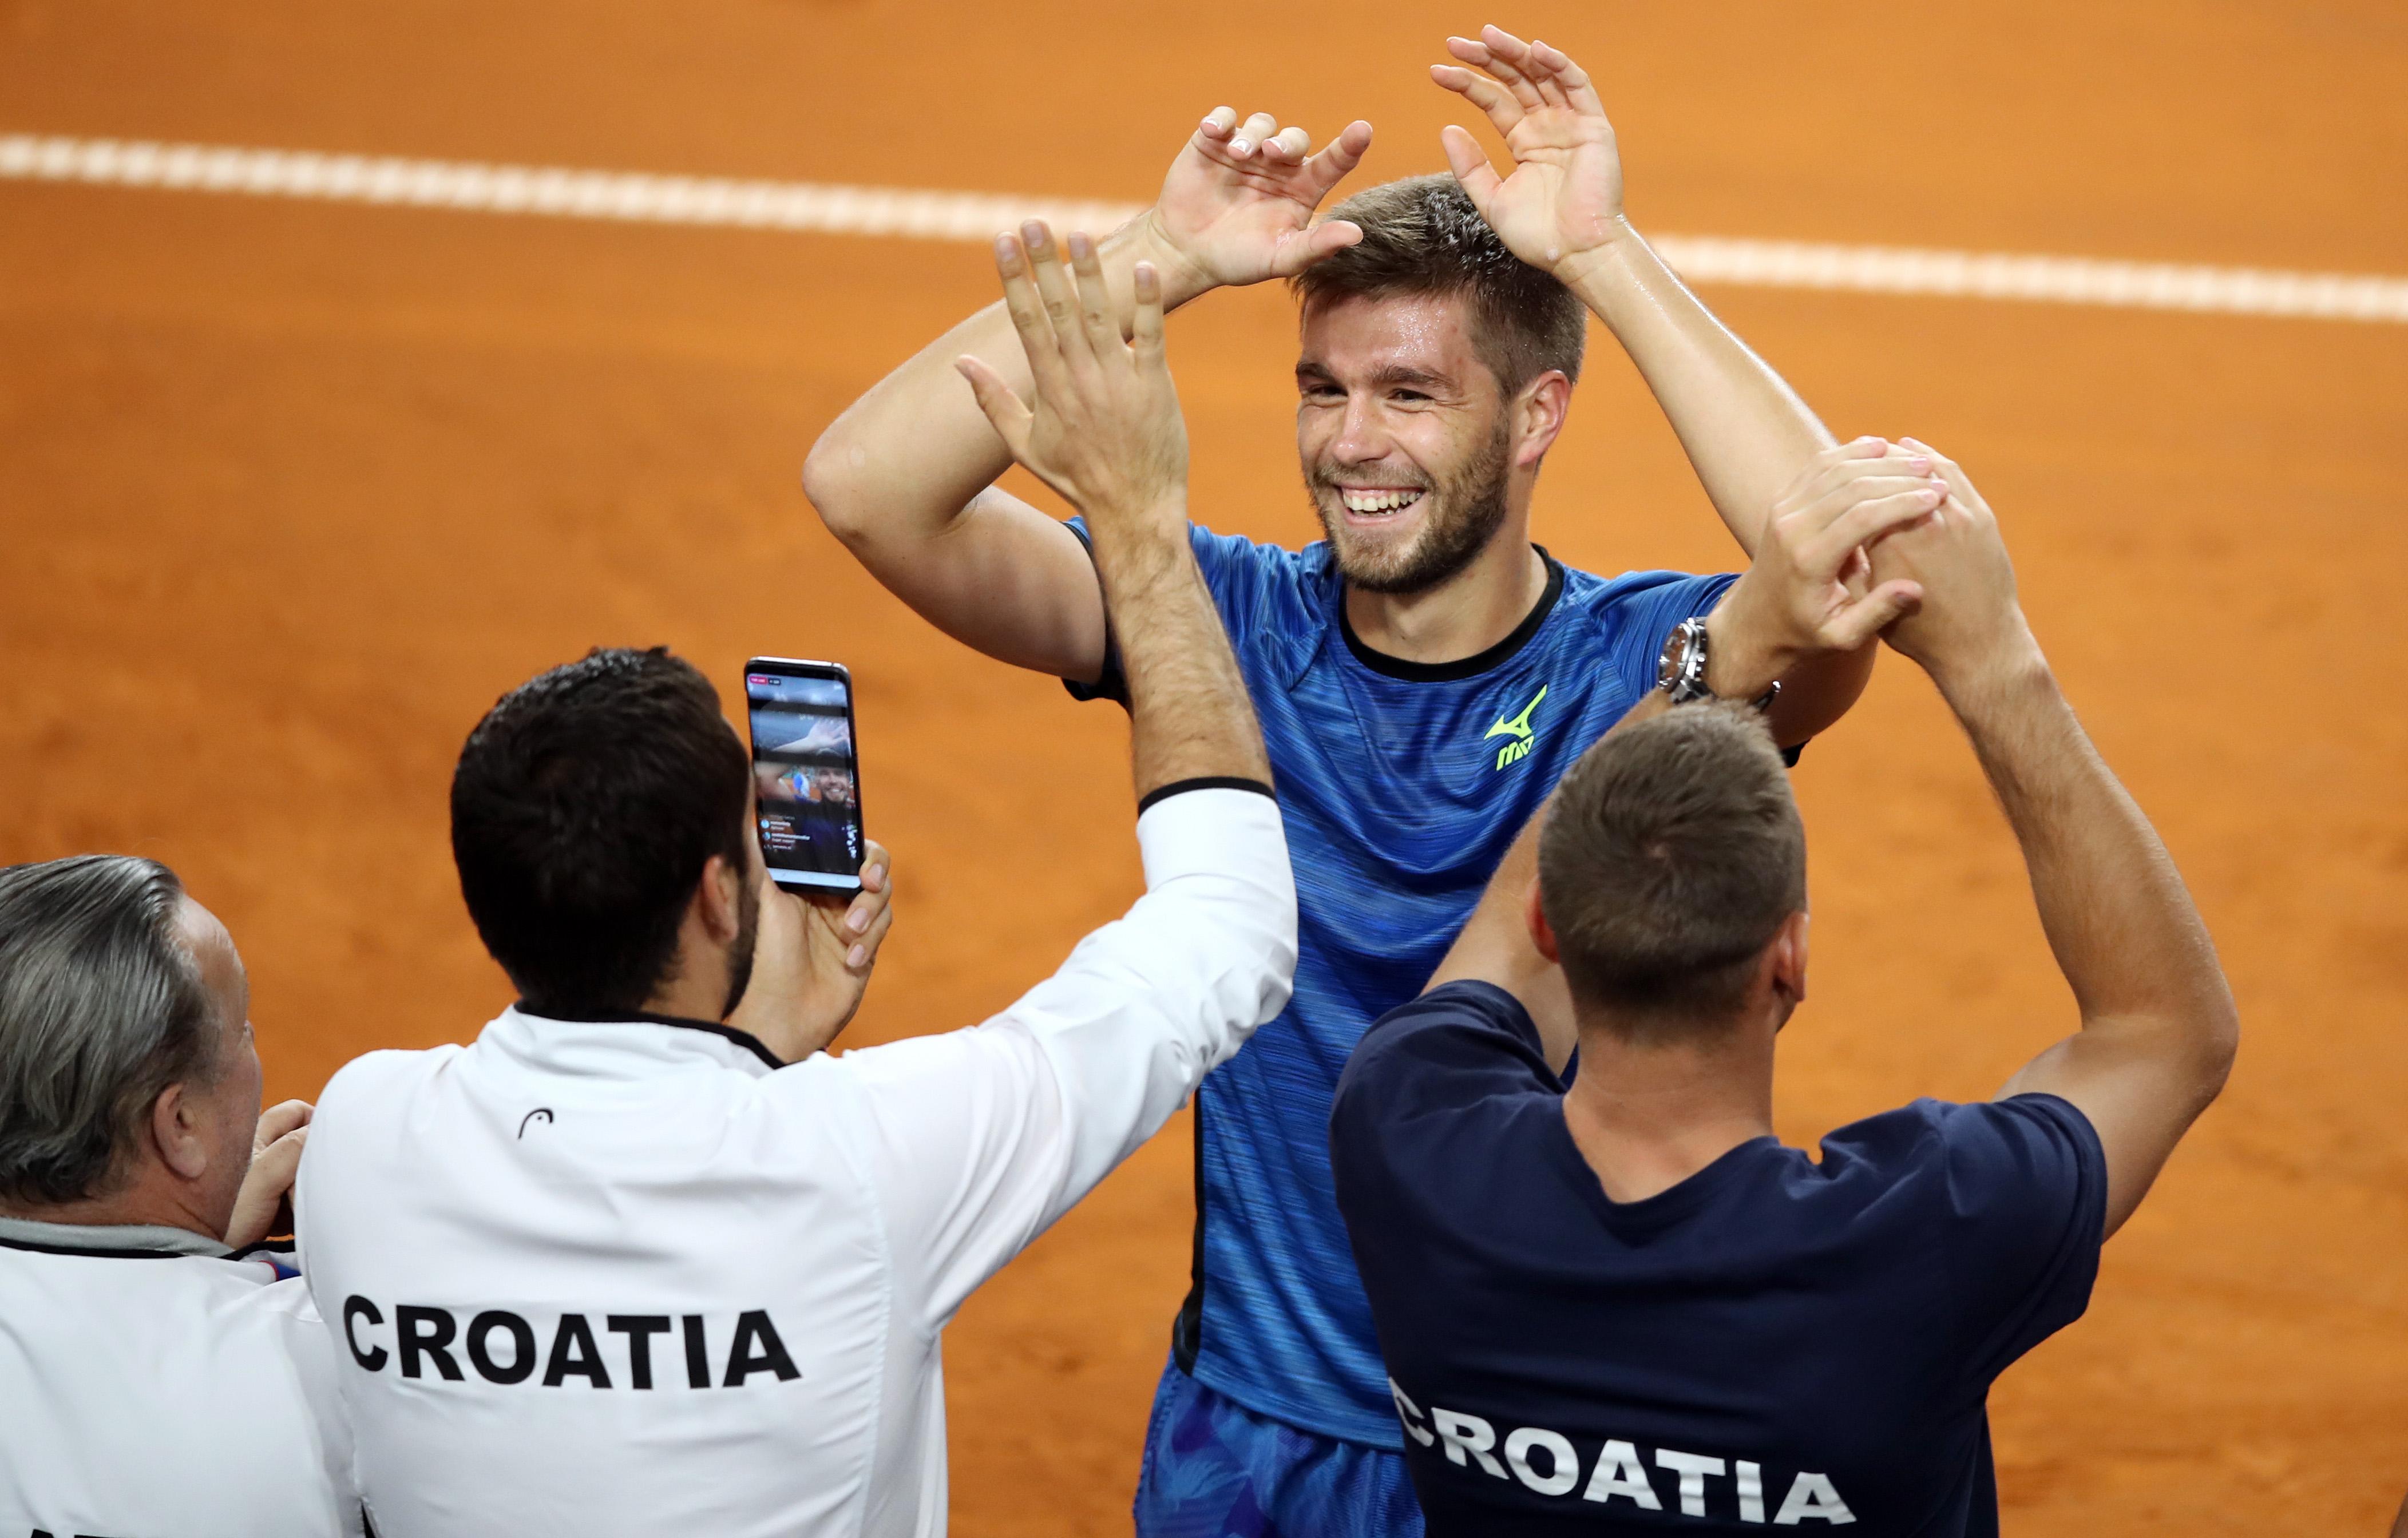 ATP MUENCHEN Mektić i Peya u finale preko najboljeg svjetskog para